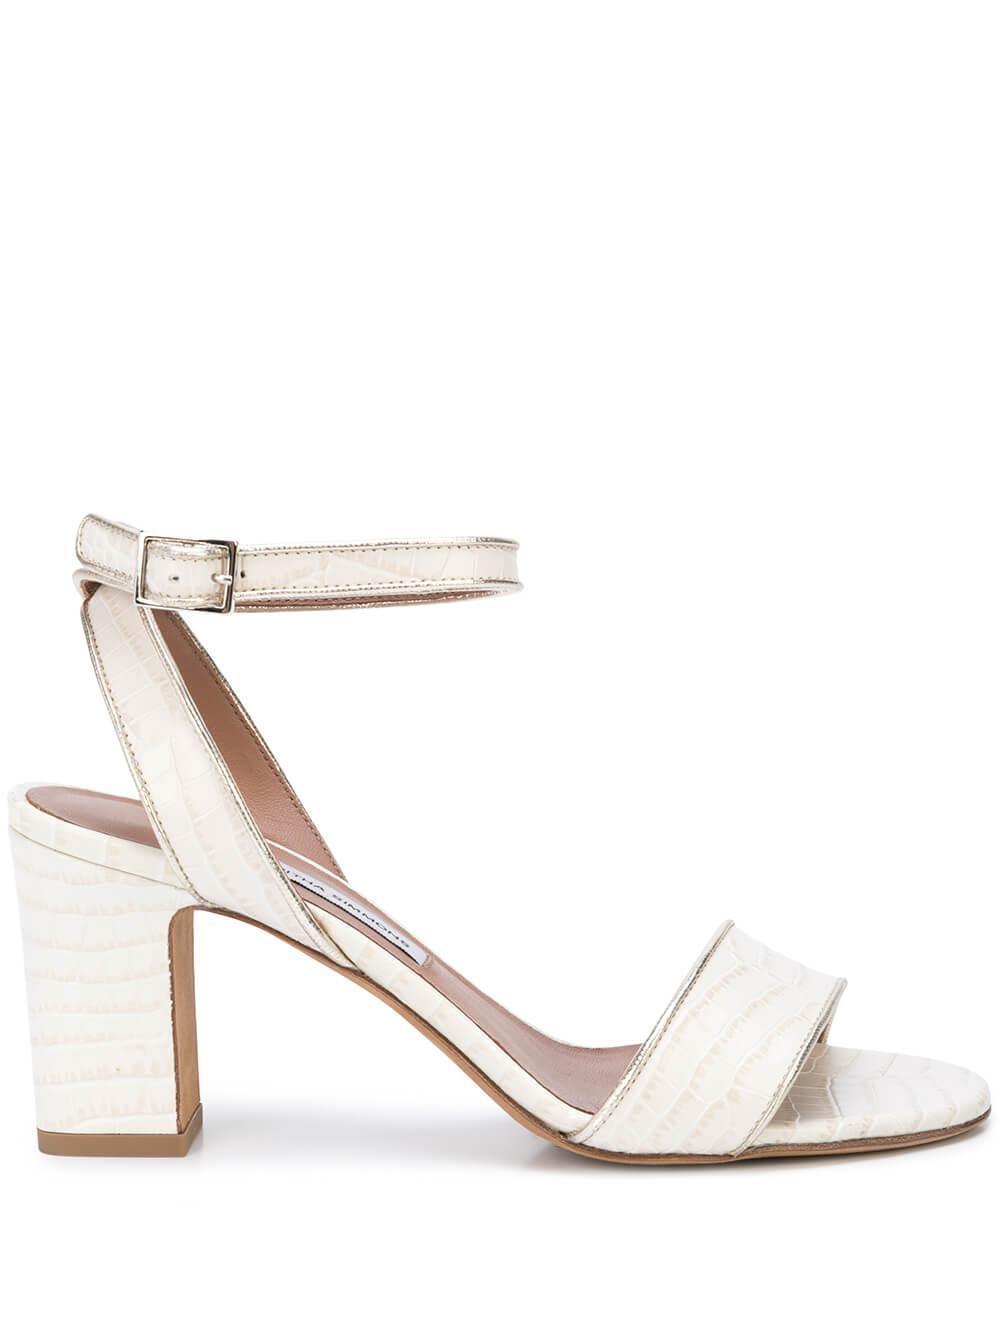 Leticia Croc 75mm Block Heel Sandal Item # LETICIA-R20